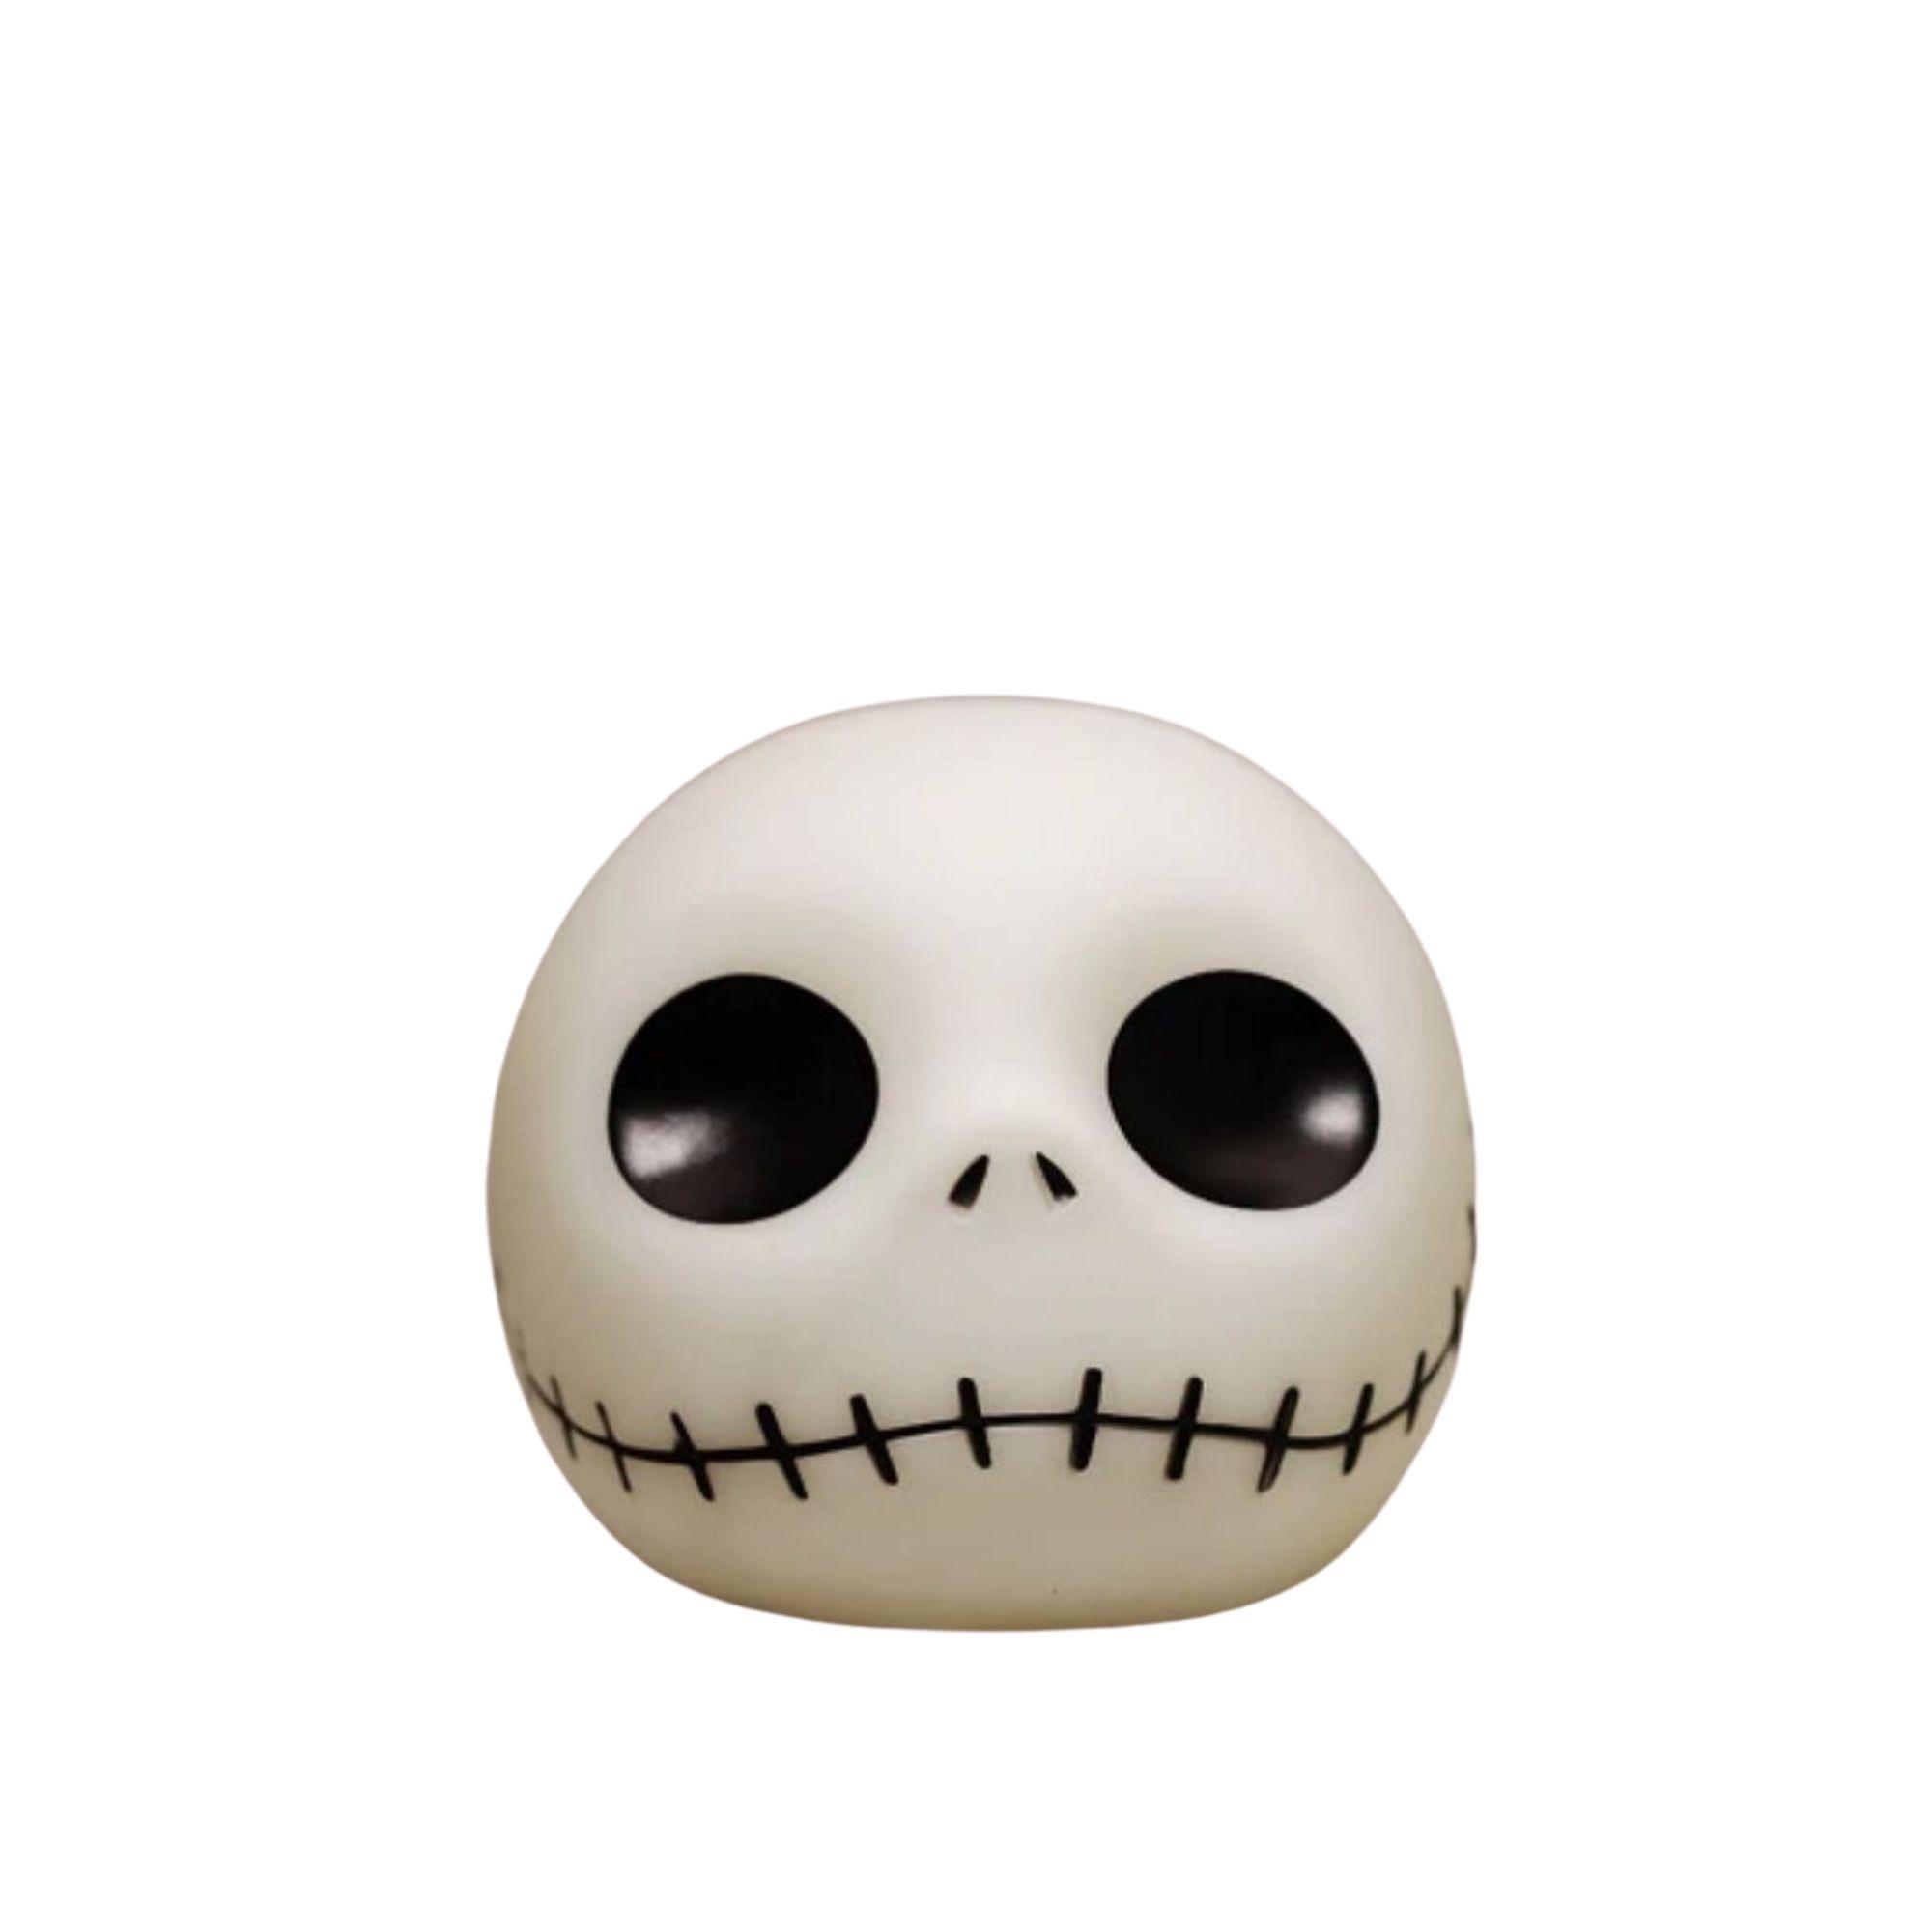 Jack Skellington Cofre Cabeça Decoração Geek Personagem Tim Burton  - Game Land Brinquedos